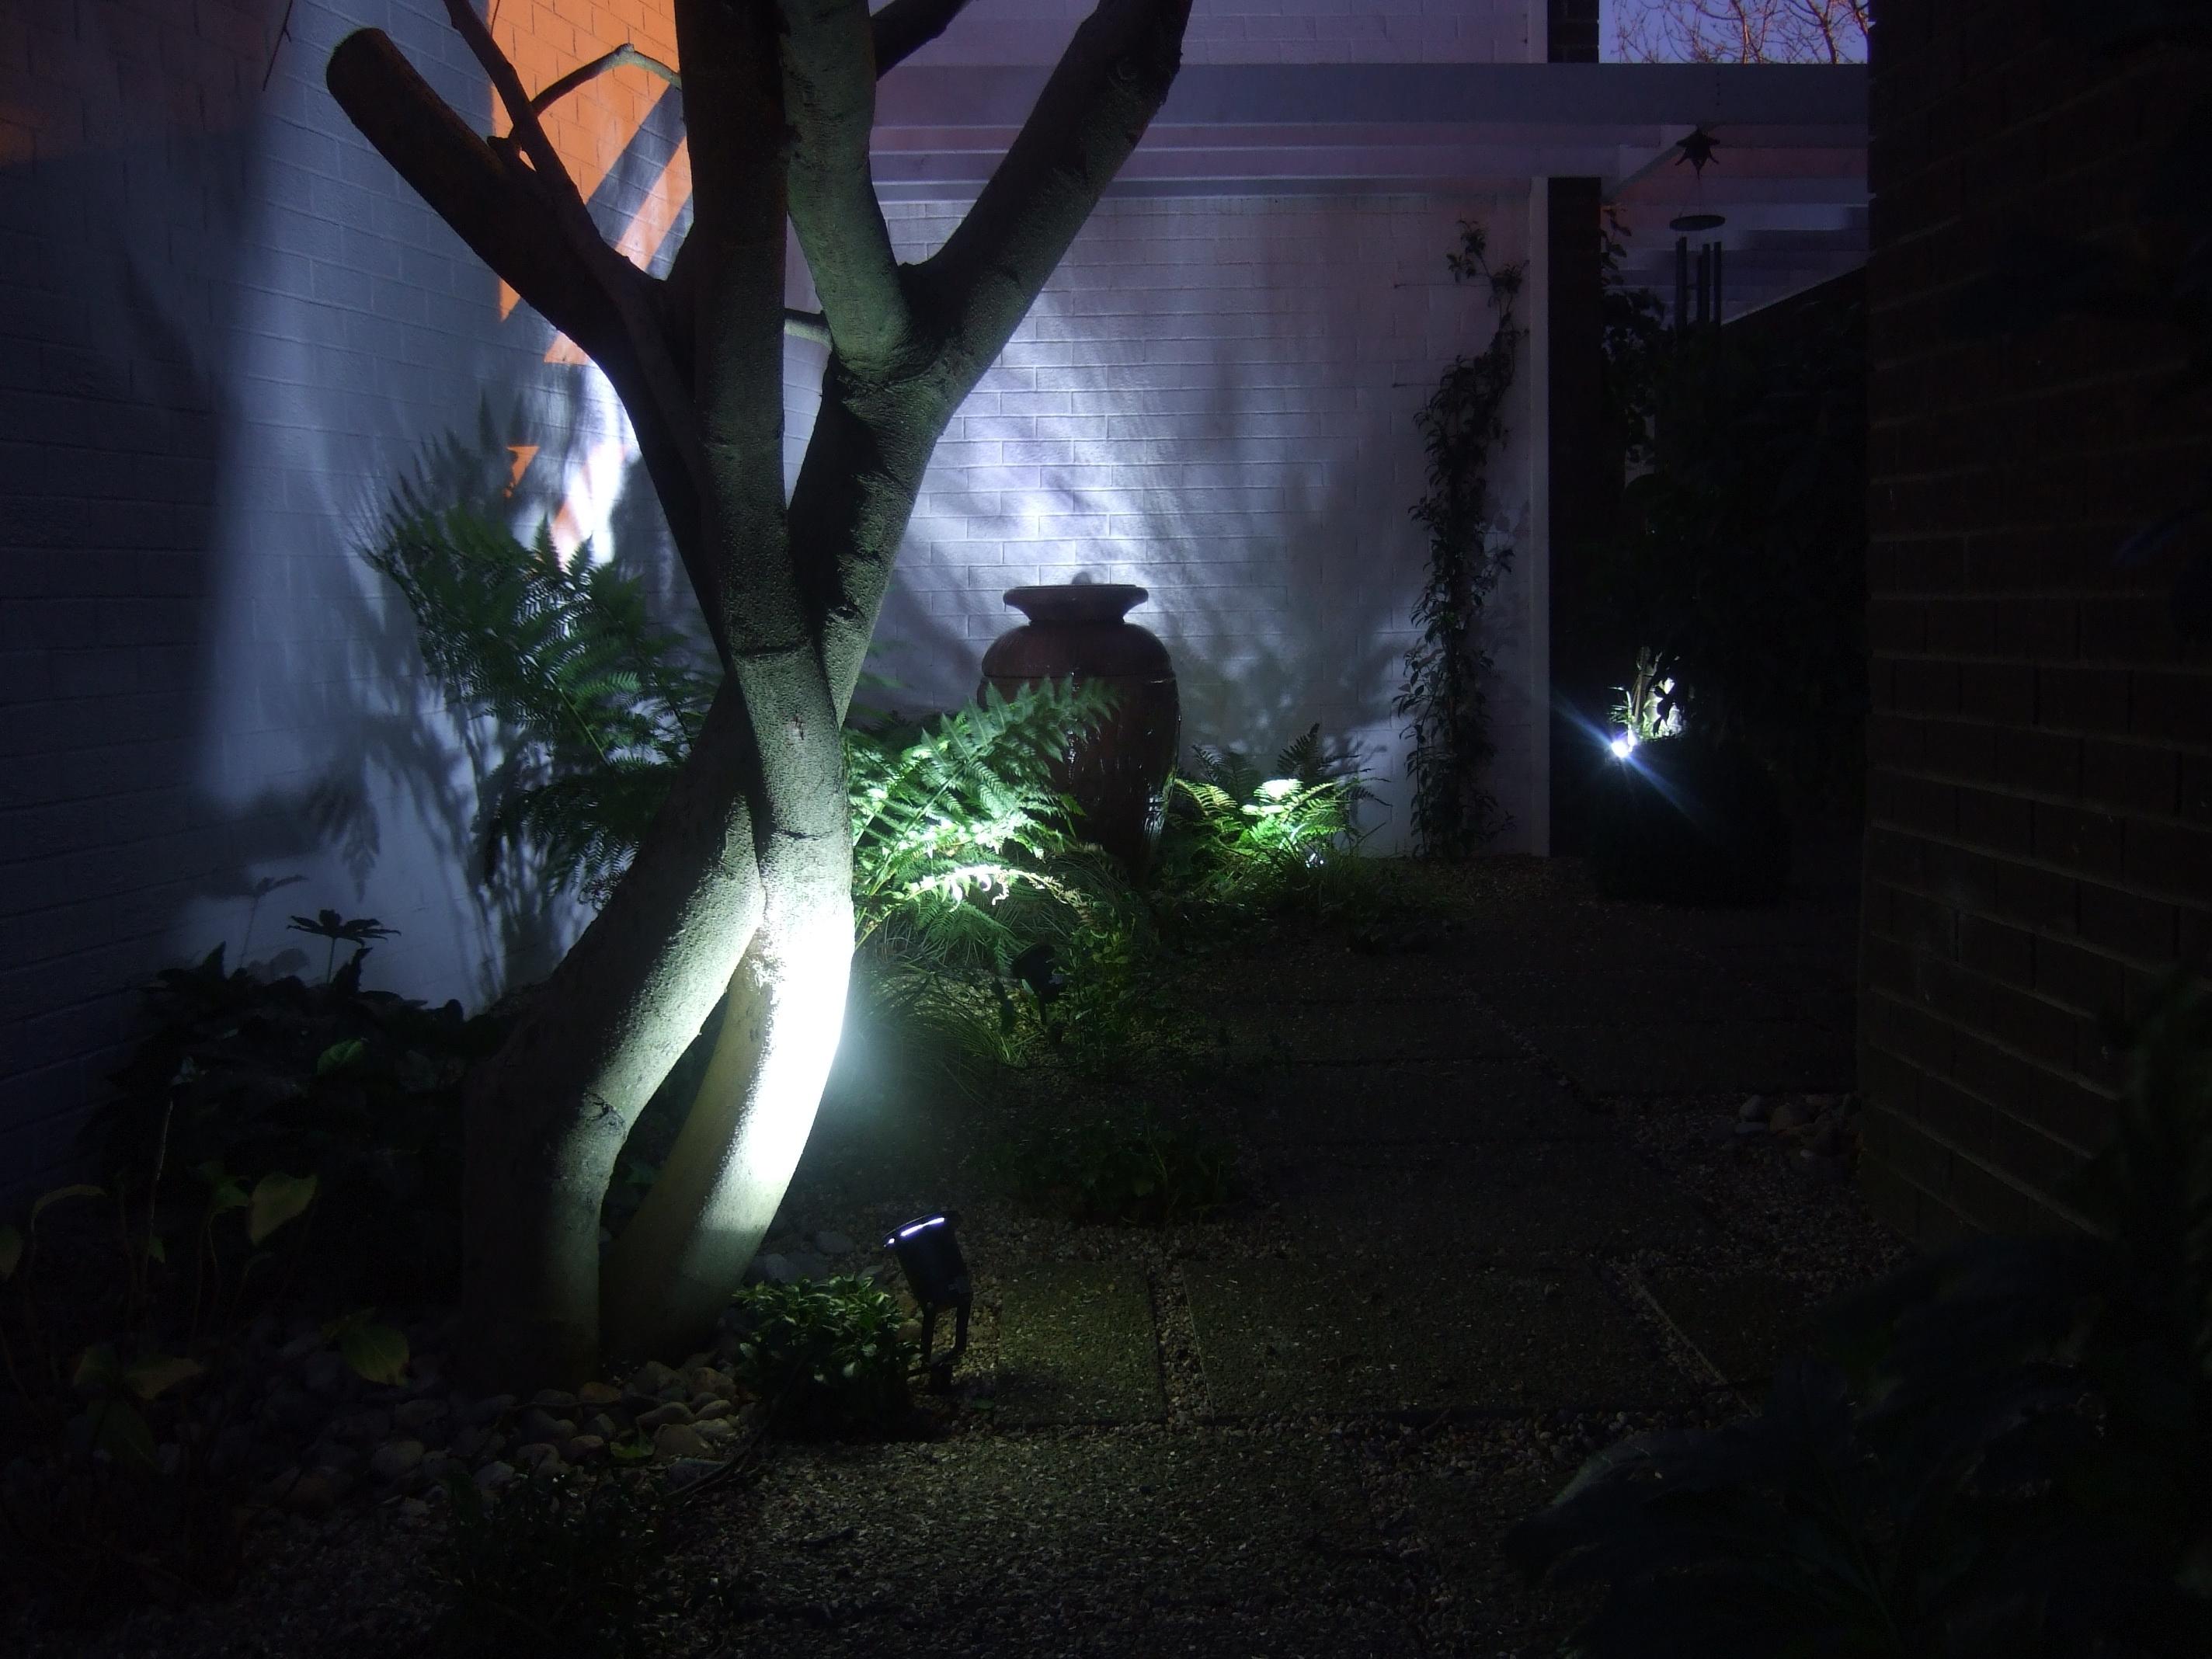 Ireland Outdoor Lighting In Most Up To Date Outdoor Garden Lighting, Design Services Dublin,wicklow (View 20 of 20)